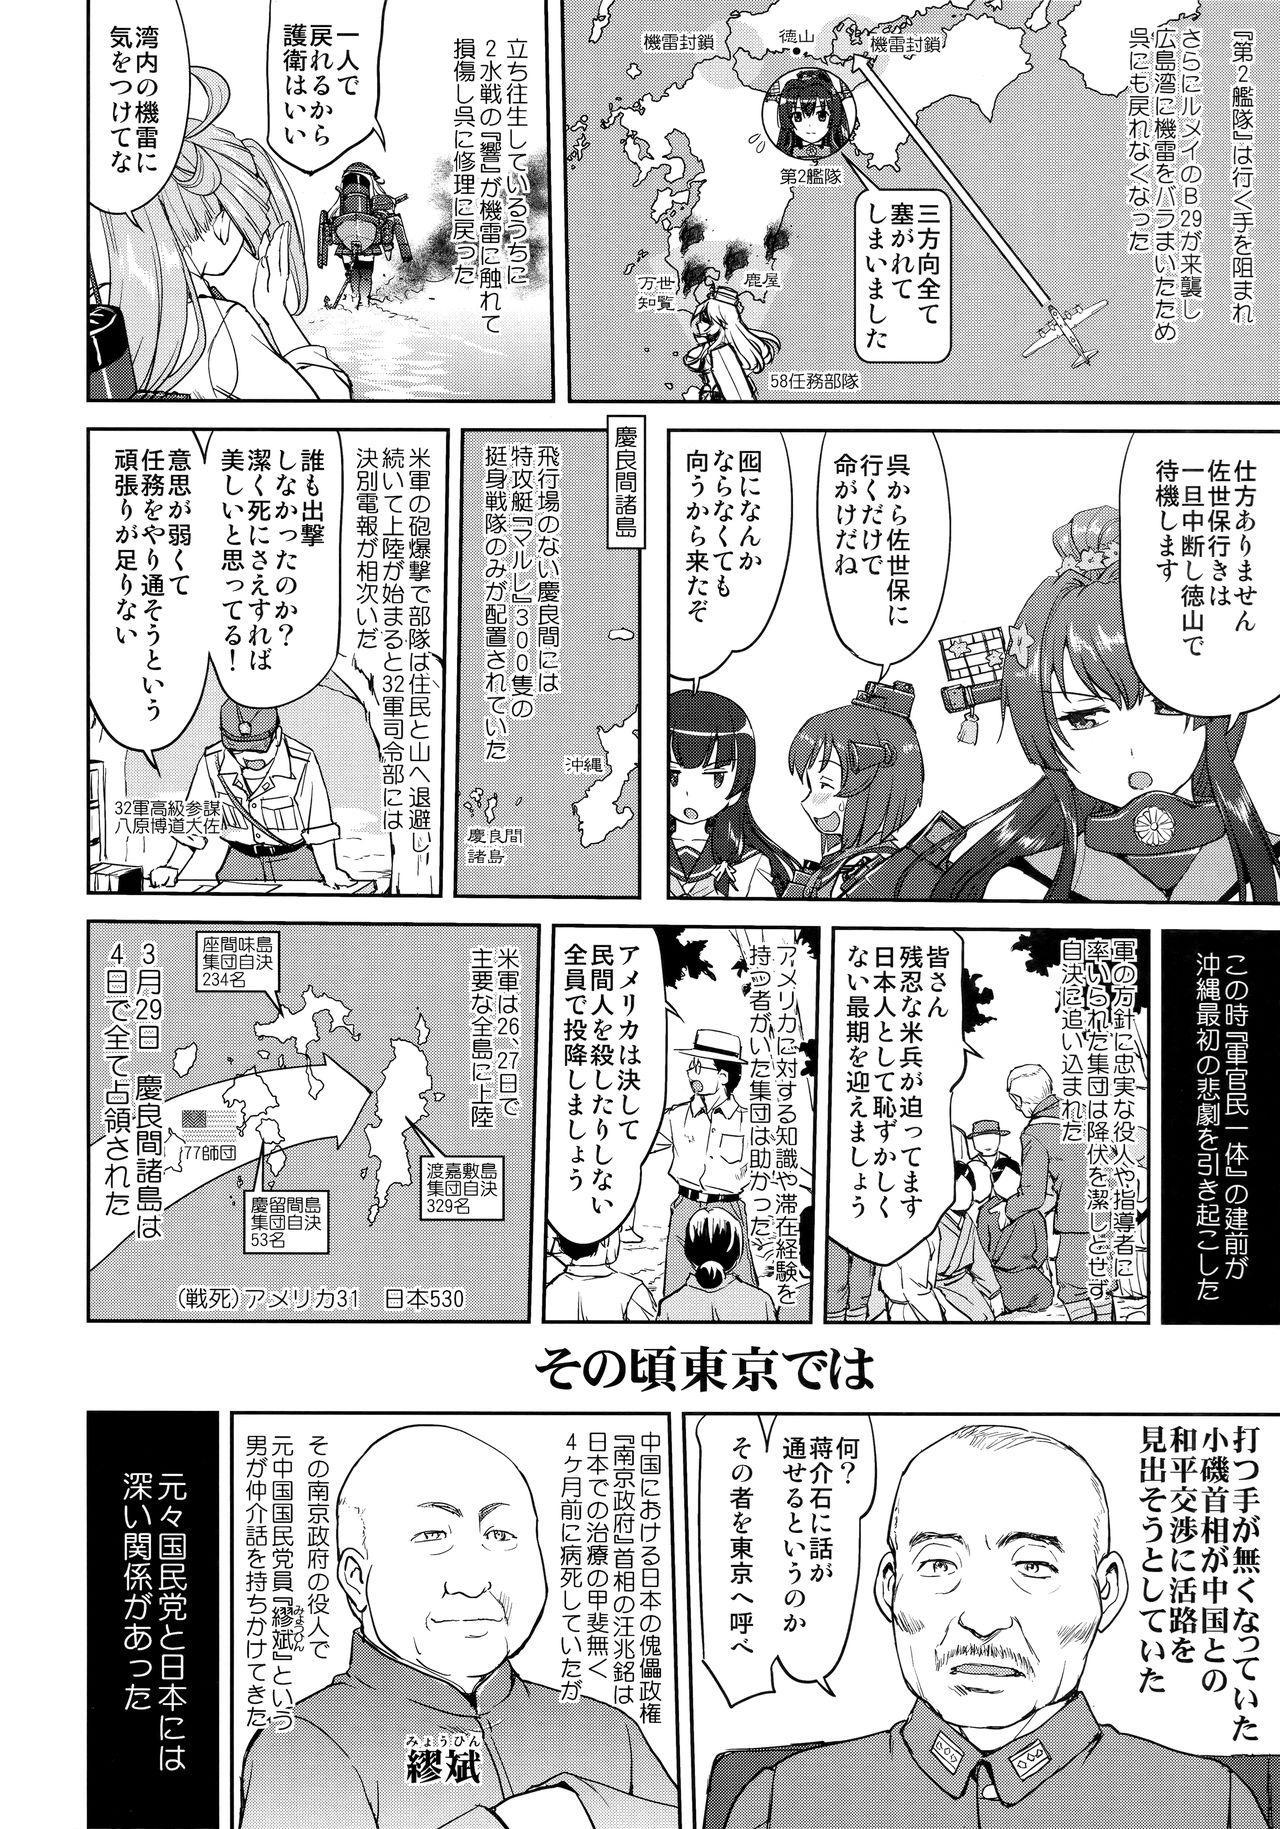 Teitoku no Ketsudan Kanmusu no Ichiban Nagai Hi 5